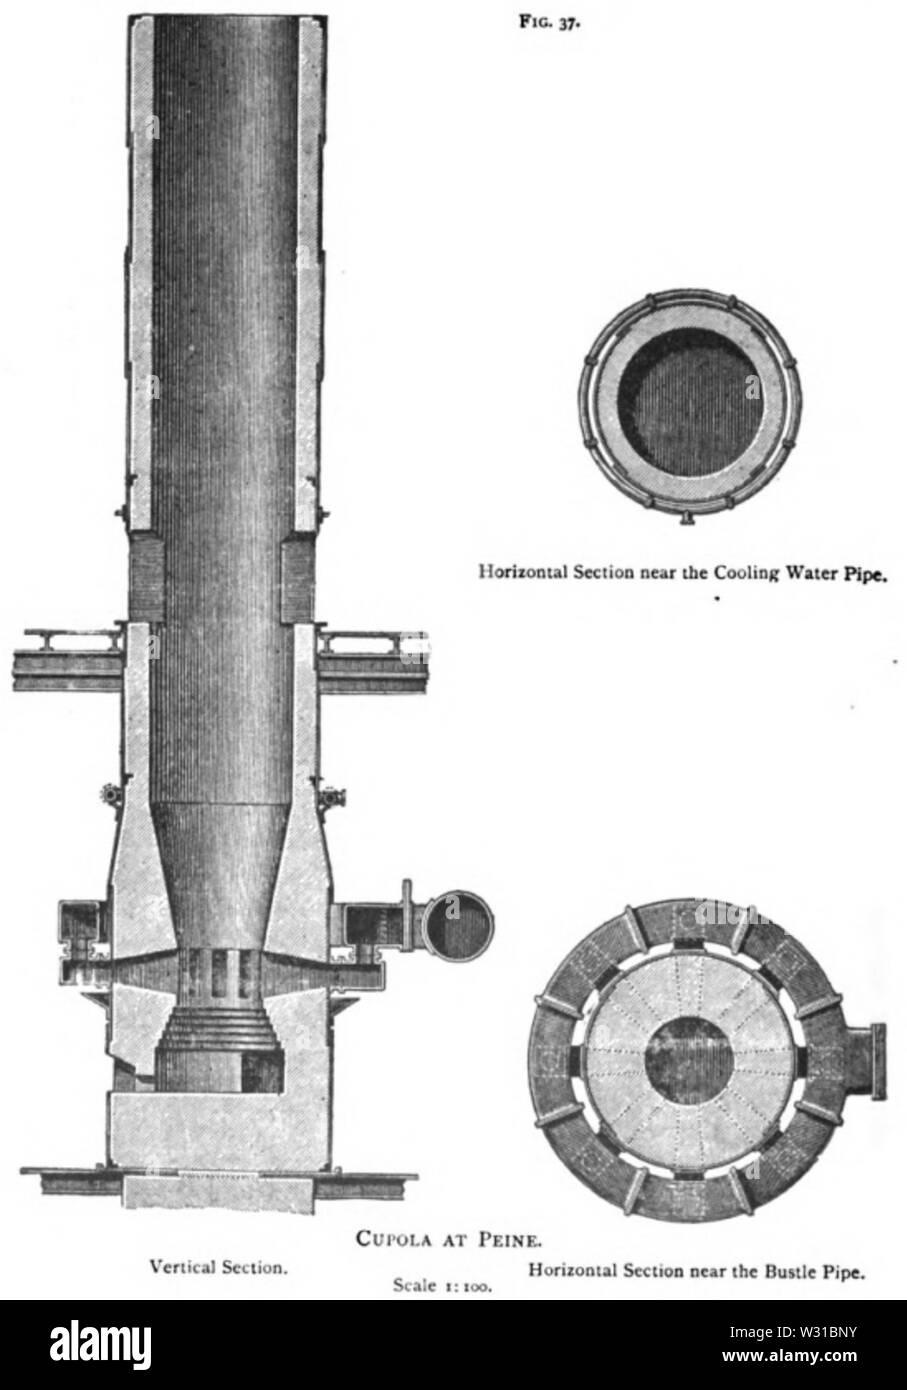 Peine basic cupola furnace - Stock Image